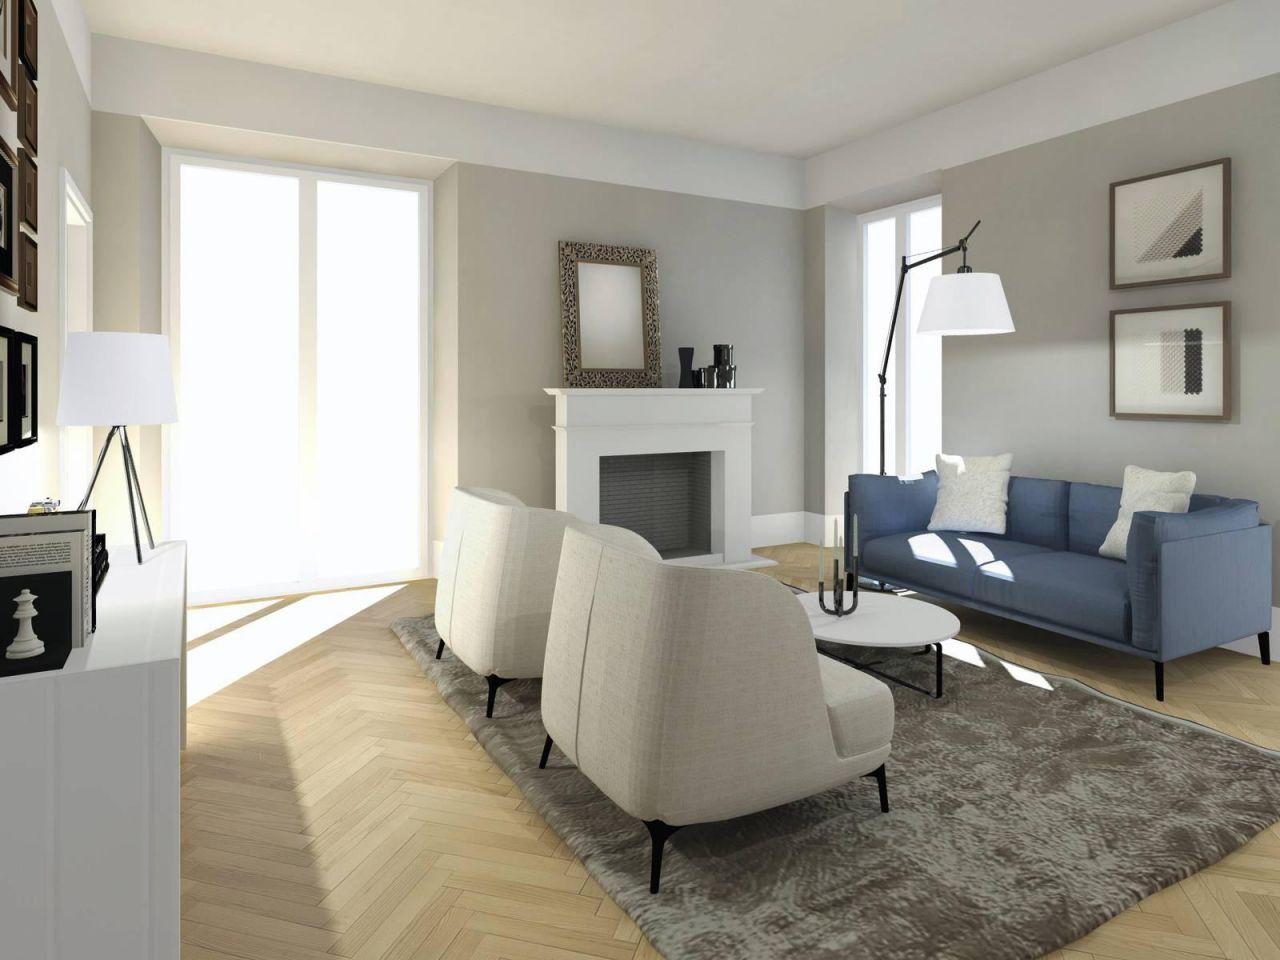 Immagine 02369783/Render-soggiorno-quadrato_bronzino4.jpg